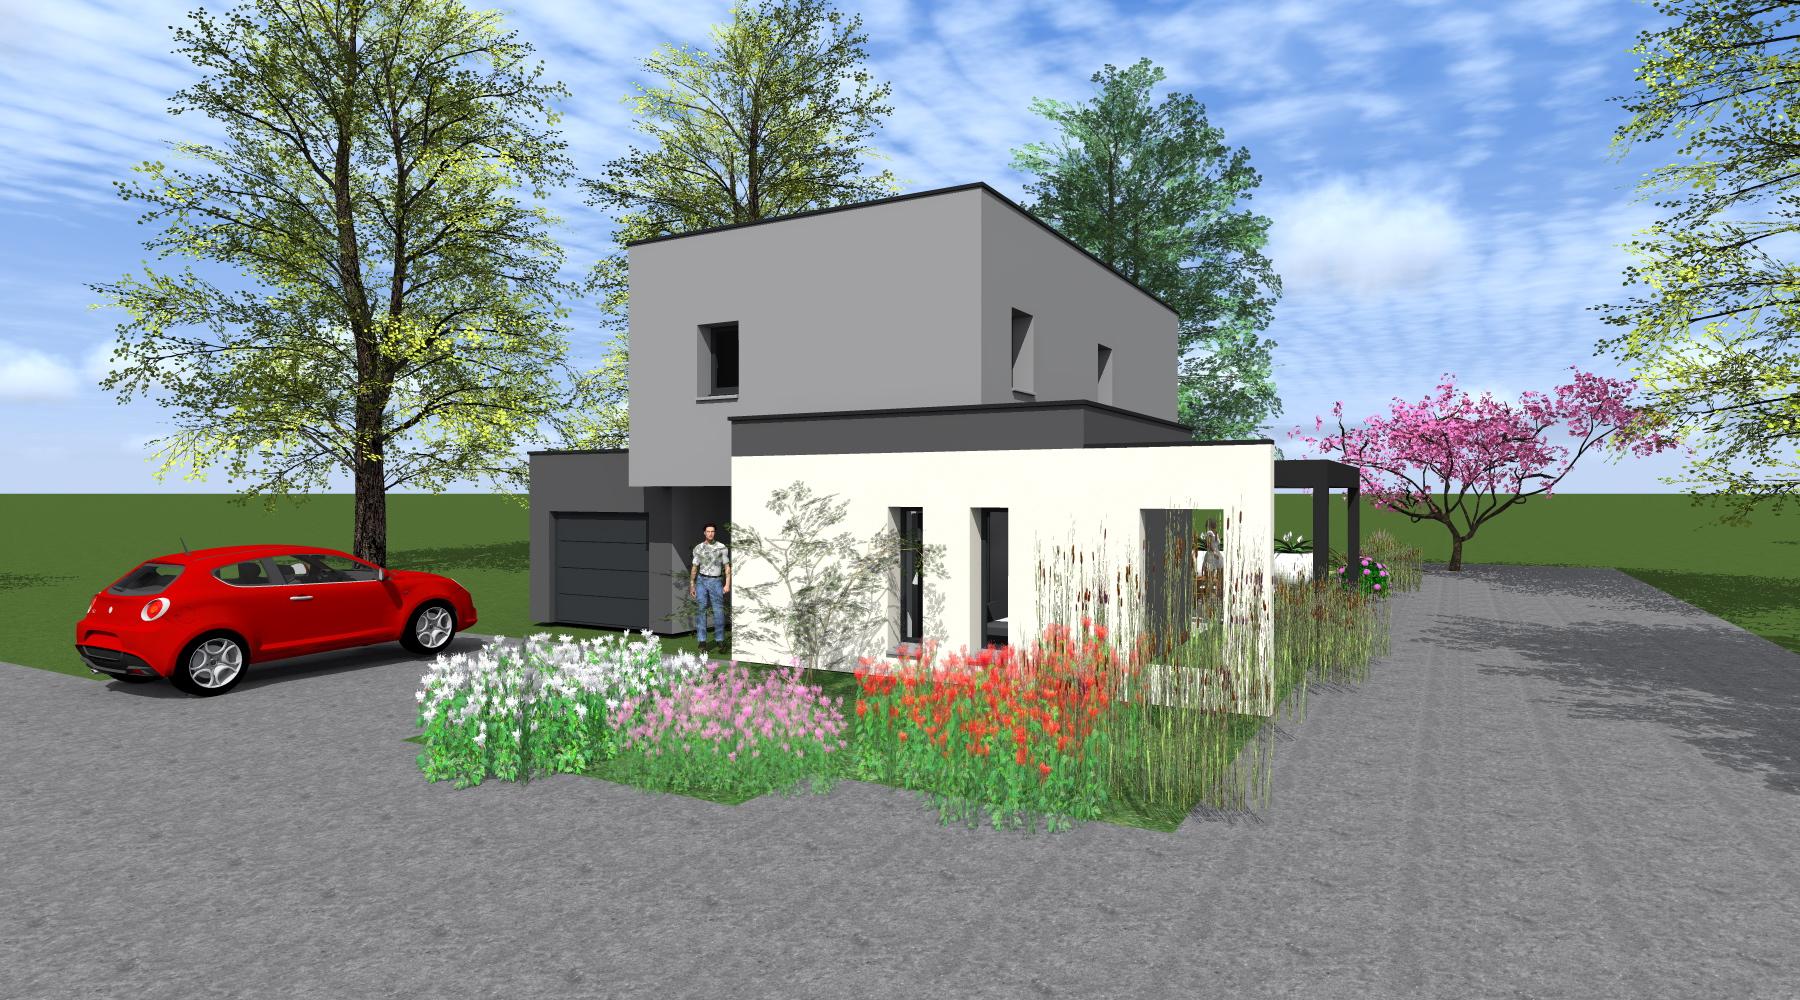 projet m lg 1 2 vue architecte lise roturier rennes 35000. Black Bedroom Furniture Sets. Home Design Ideas